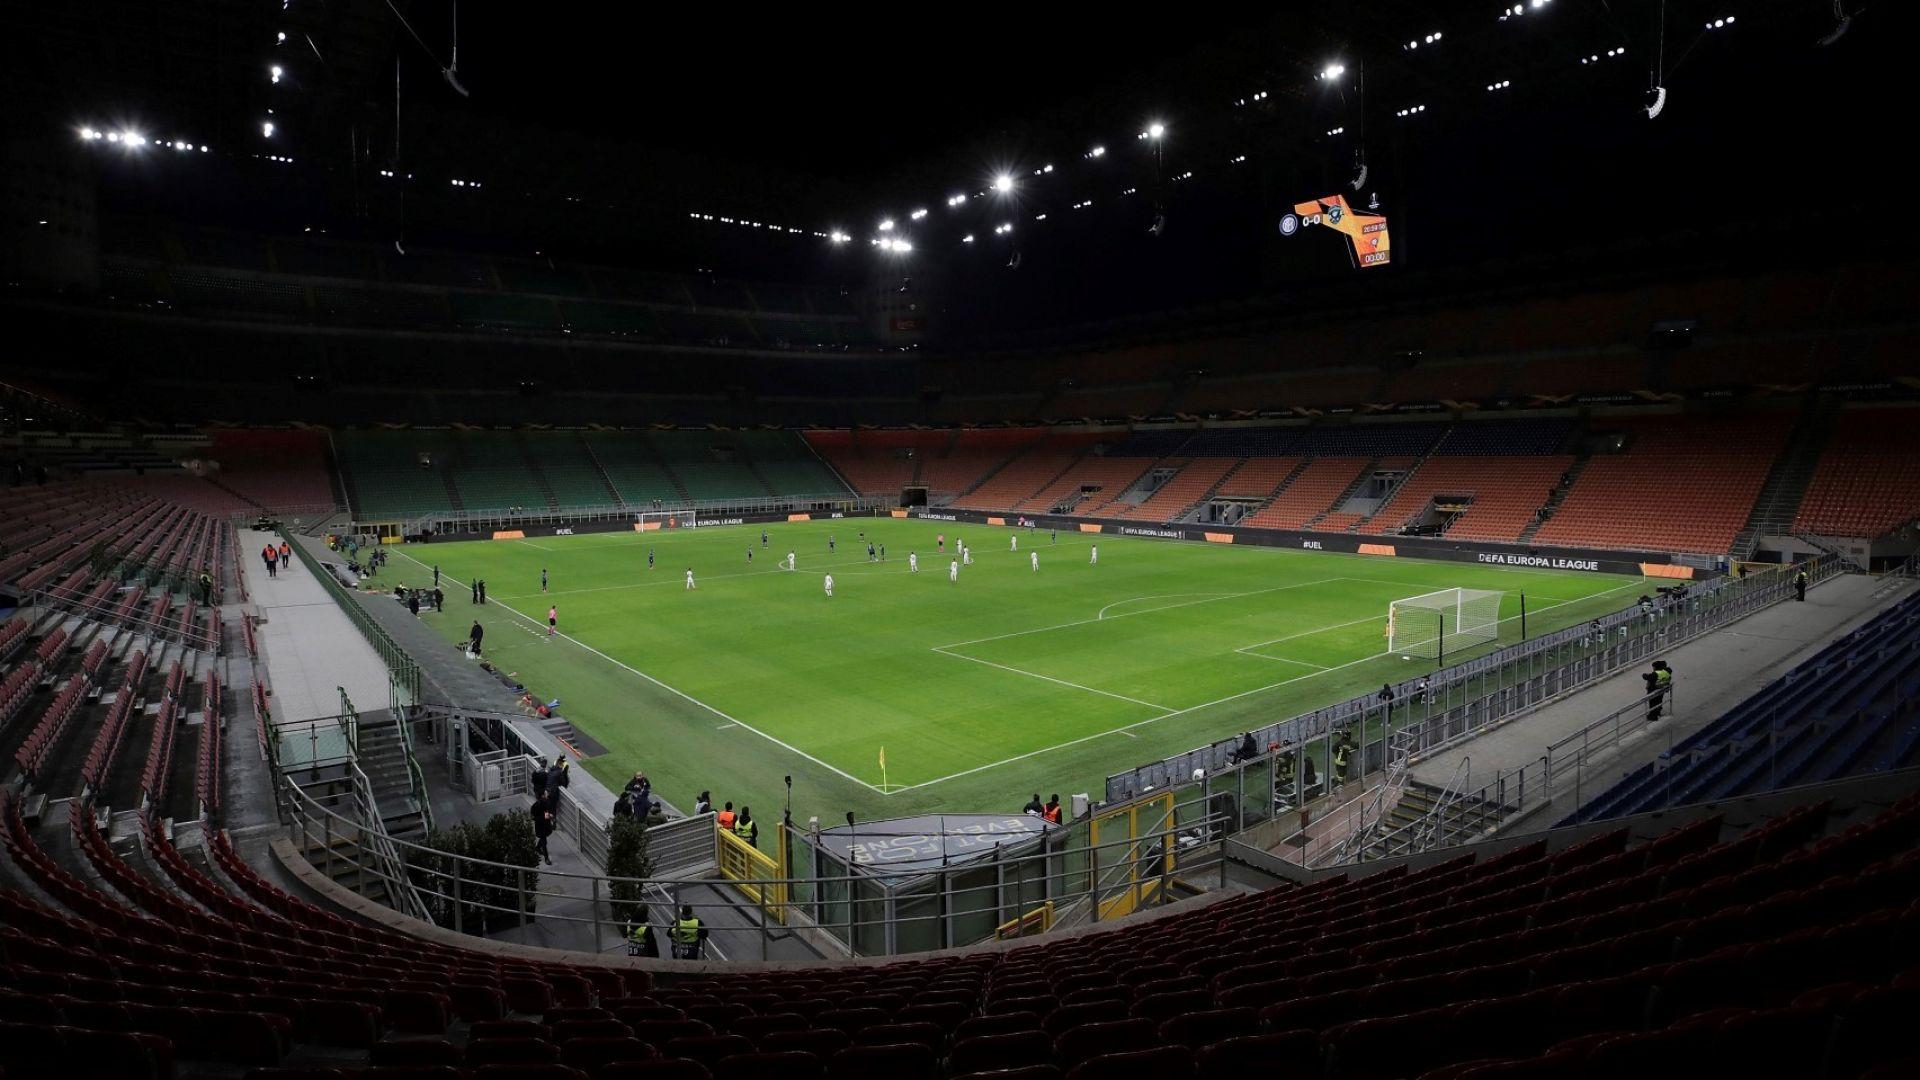 """Италия след призрачната нощ в Милано: Как се играе футбол с маски? """"Меаца"""" е тъжен (снимки и видео)"""